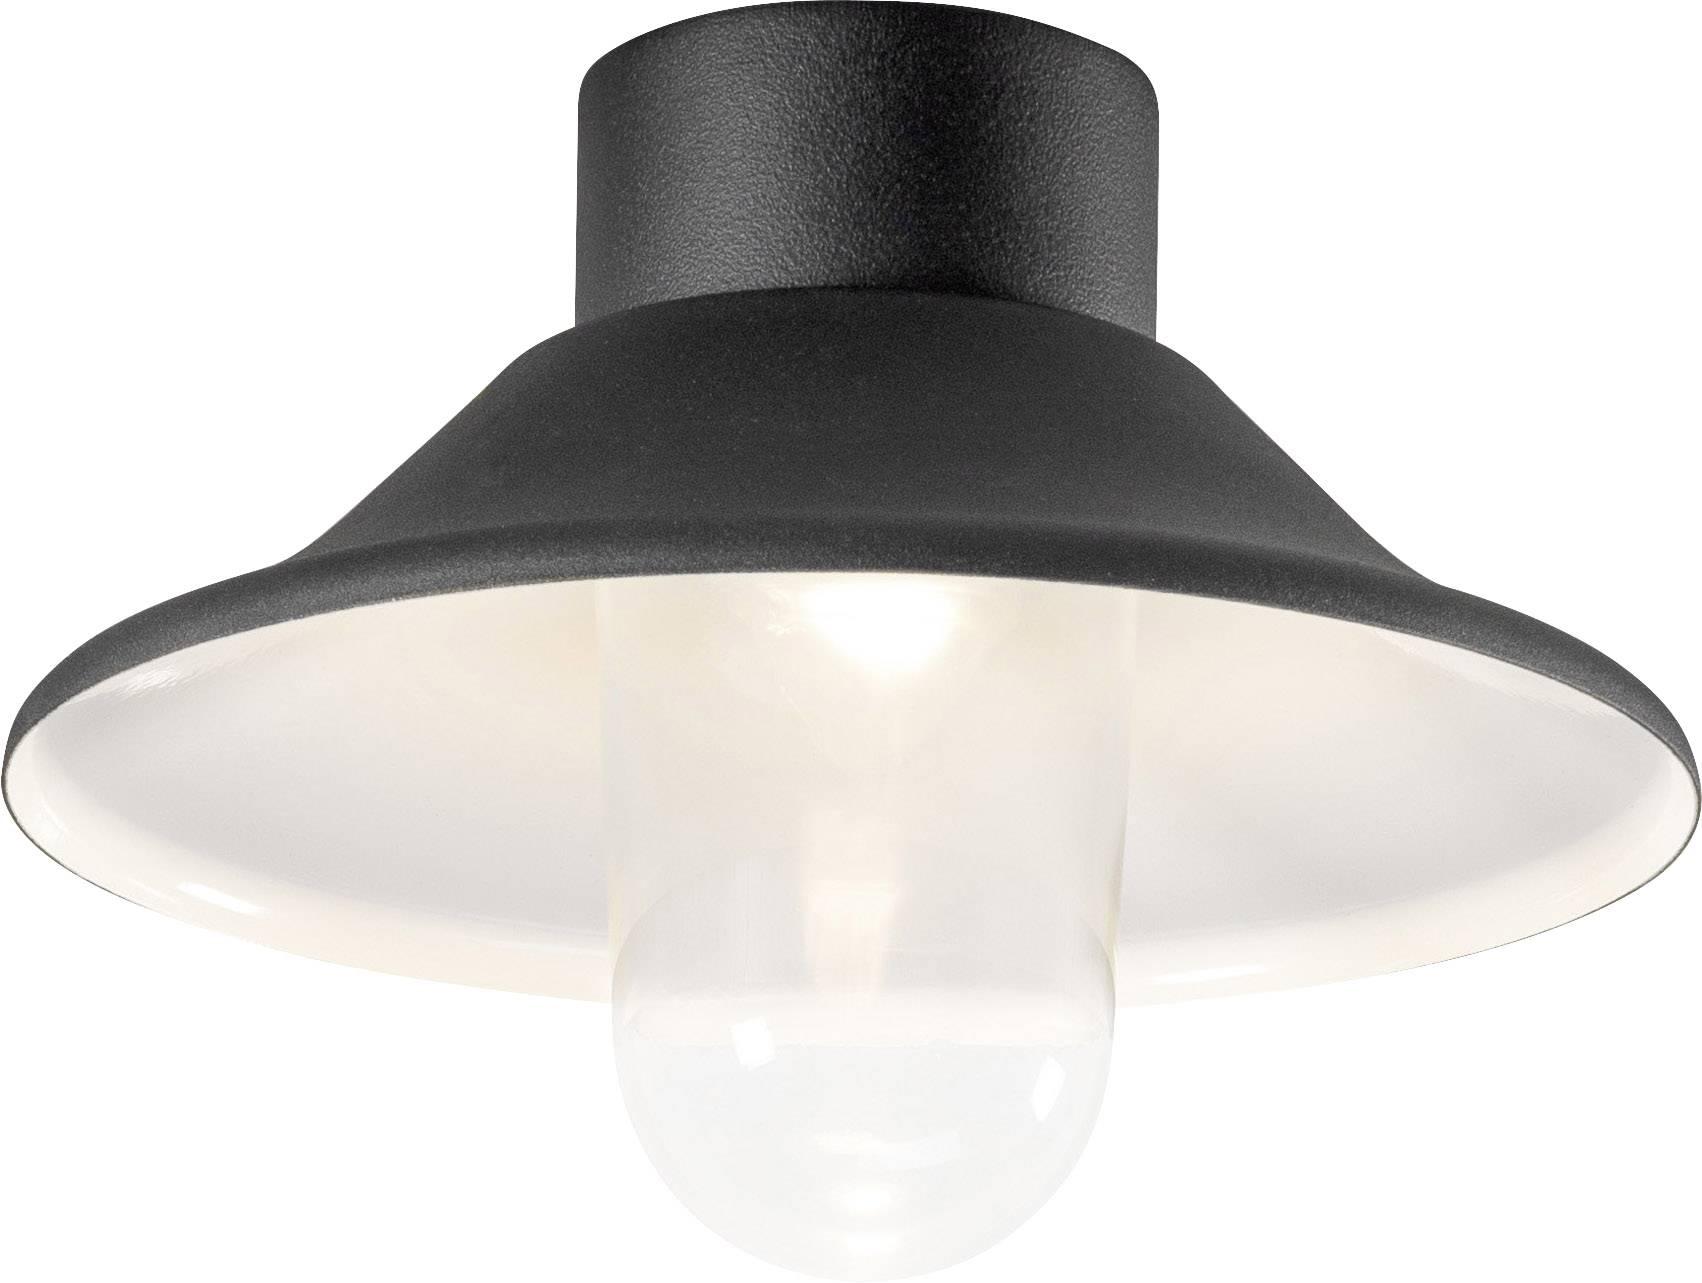 Venkovní stropní LED osvětlení Konstsmide Vega, 552-750, 8 W, teplá bílá, černá